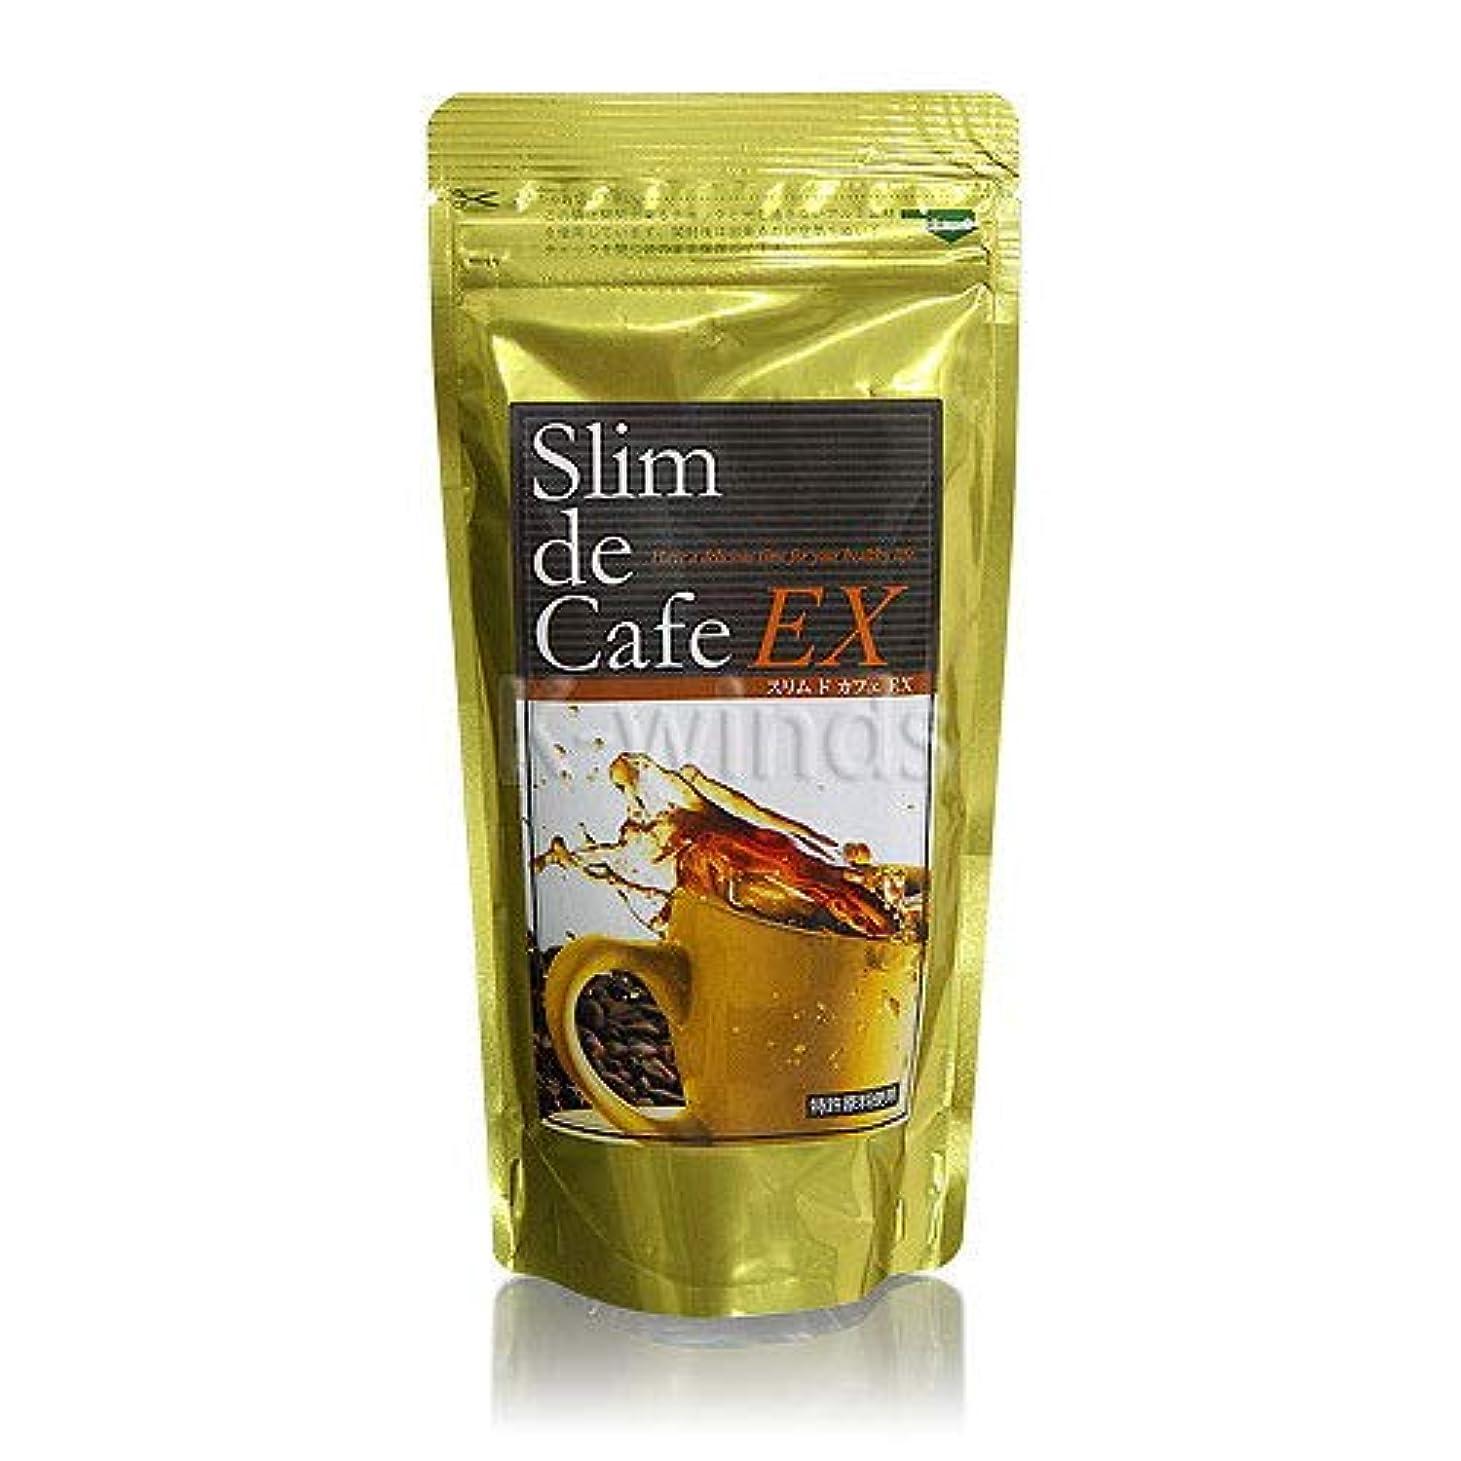 シーケンス人形安価なスリムドカフェ EX (コーヒー粉末)100g 3袋セット